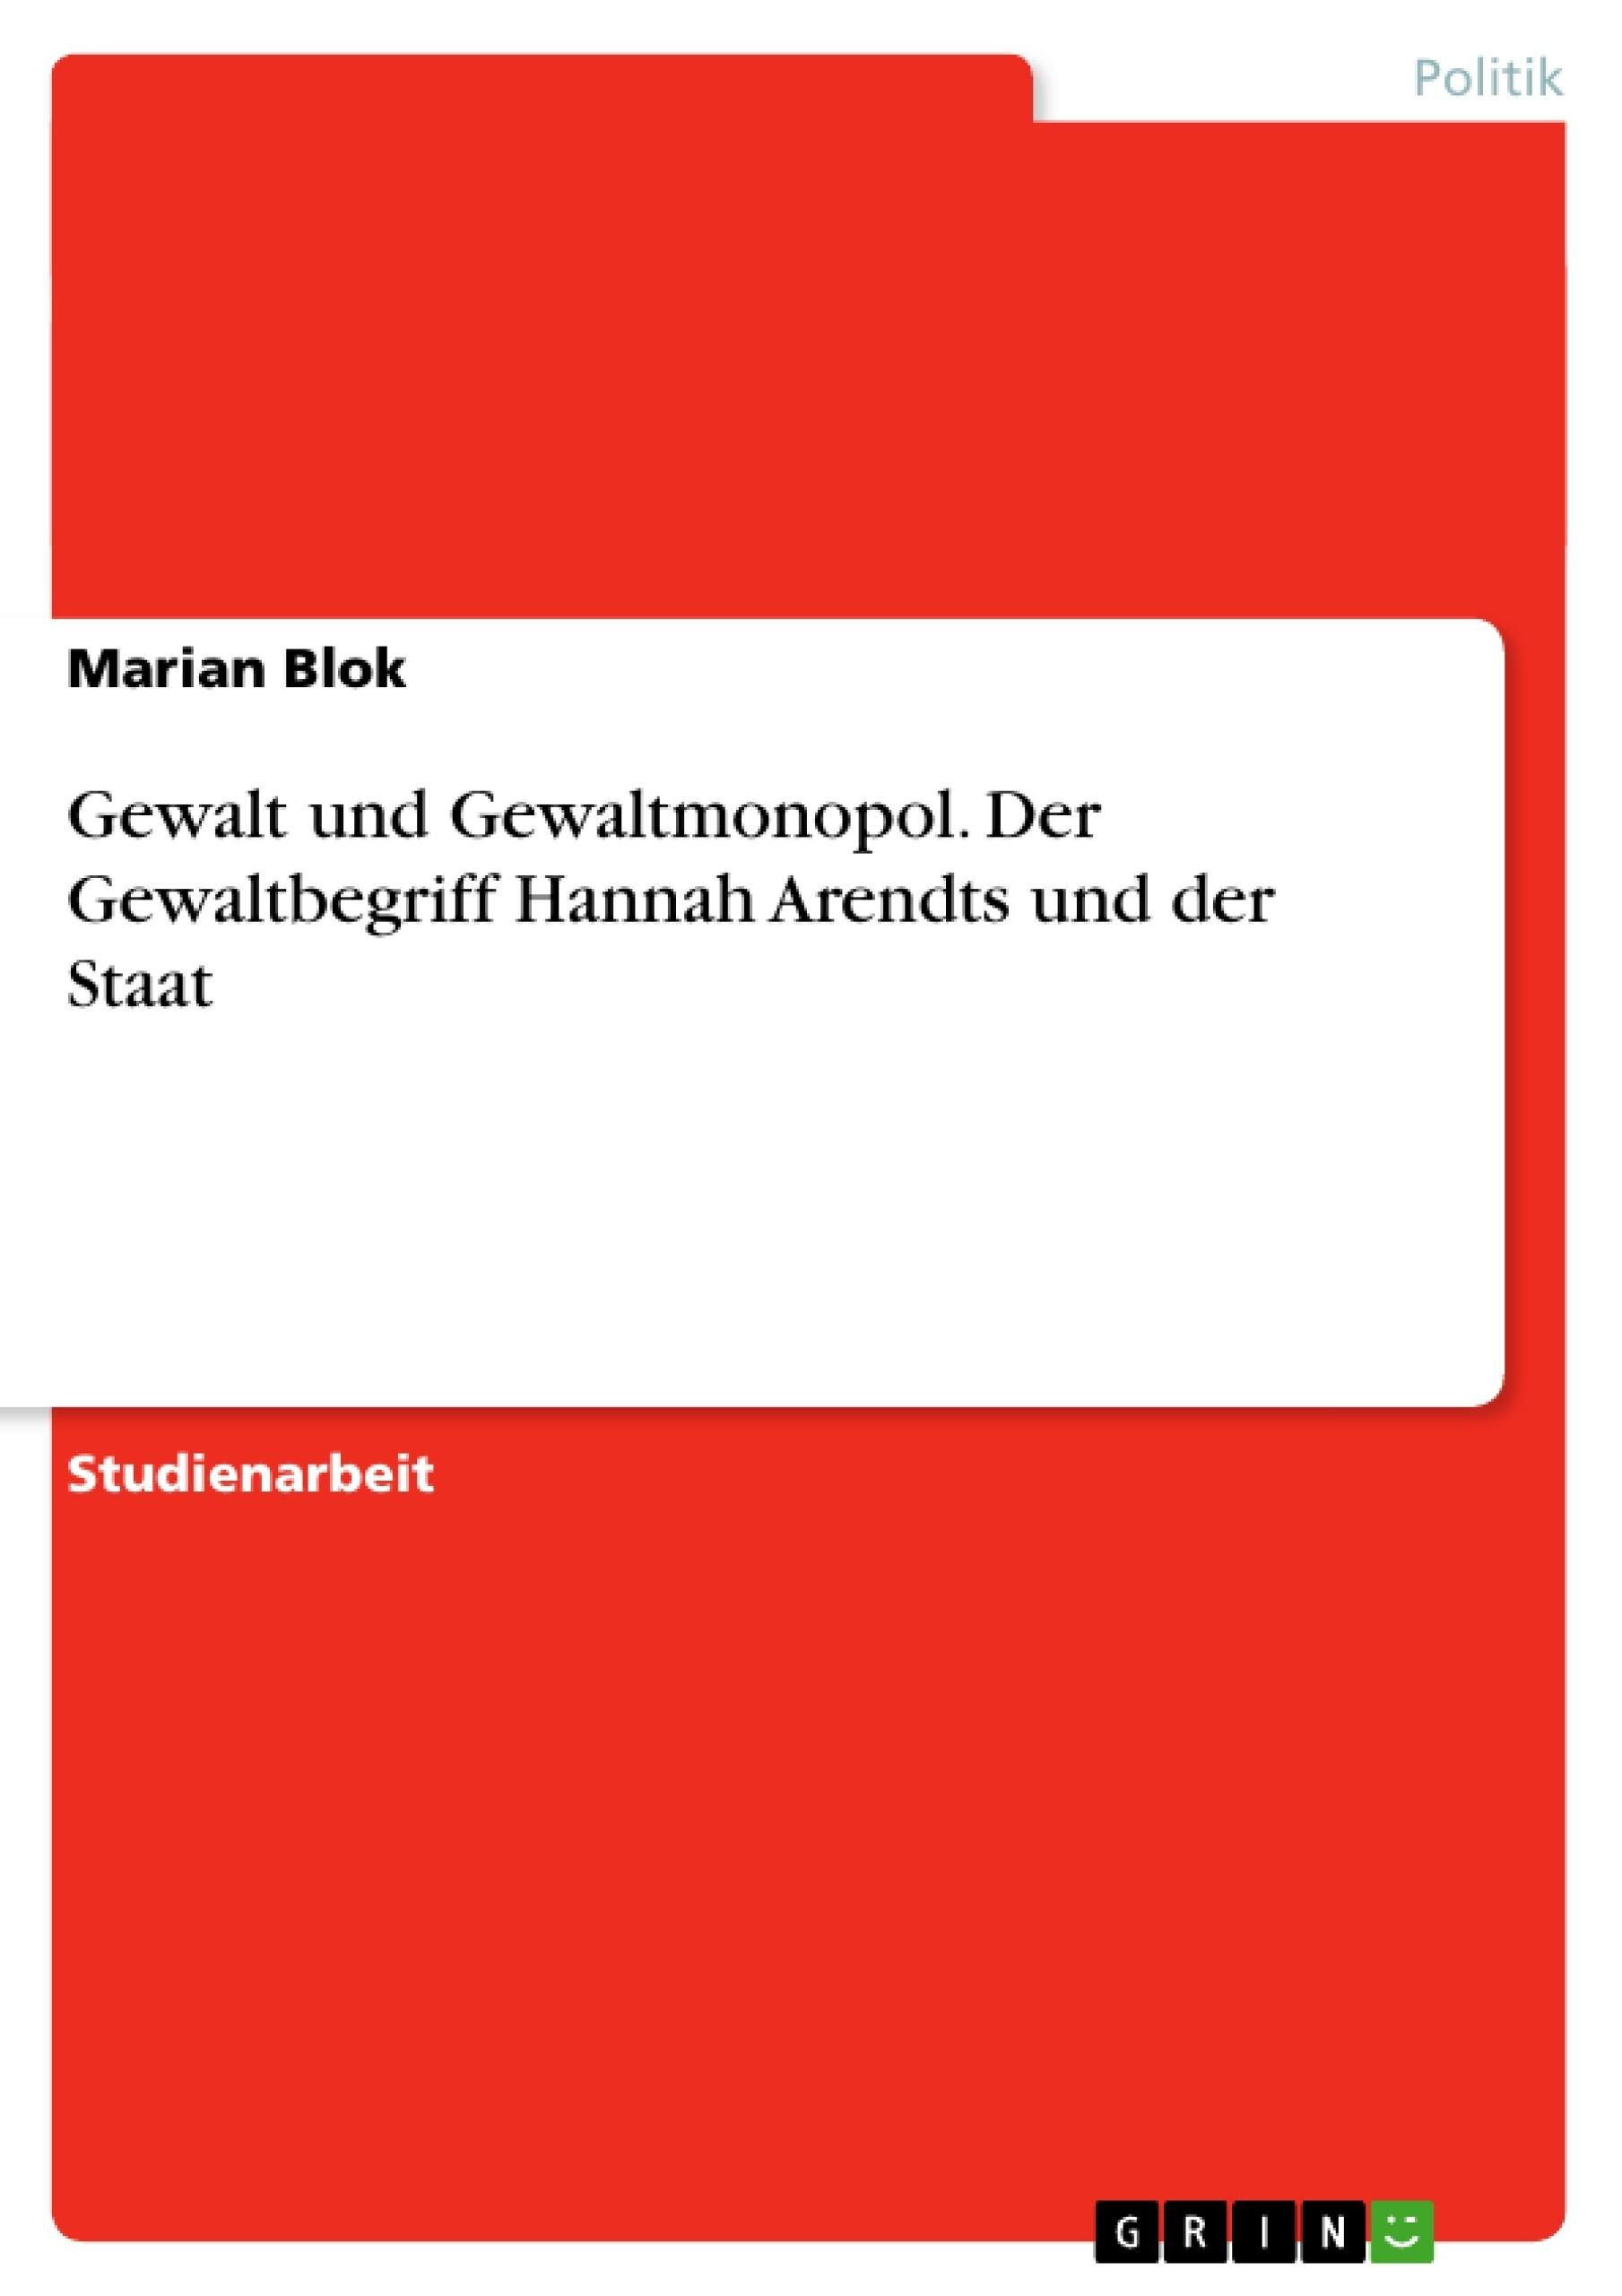 Titel: Gewalt und Gewaltmonopol. Der Gewaltbegriff Hannah Arendts und der Staat